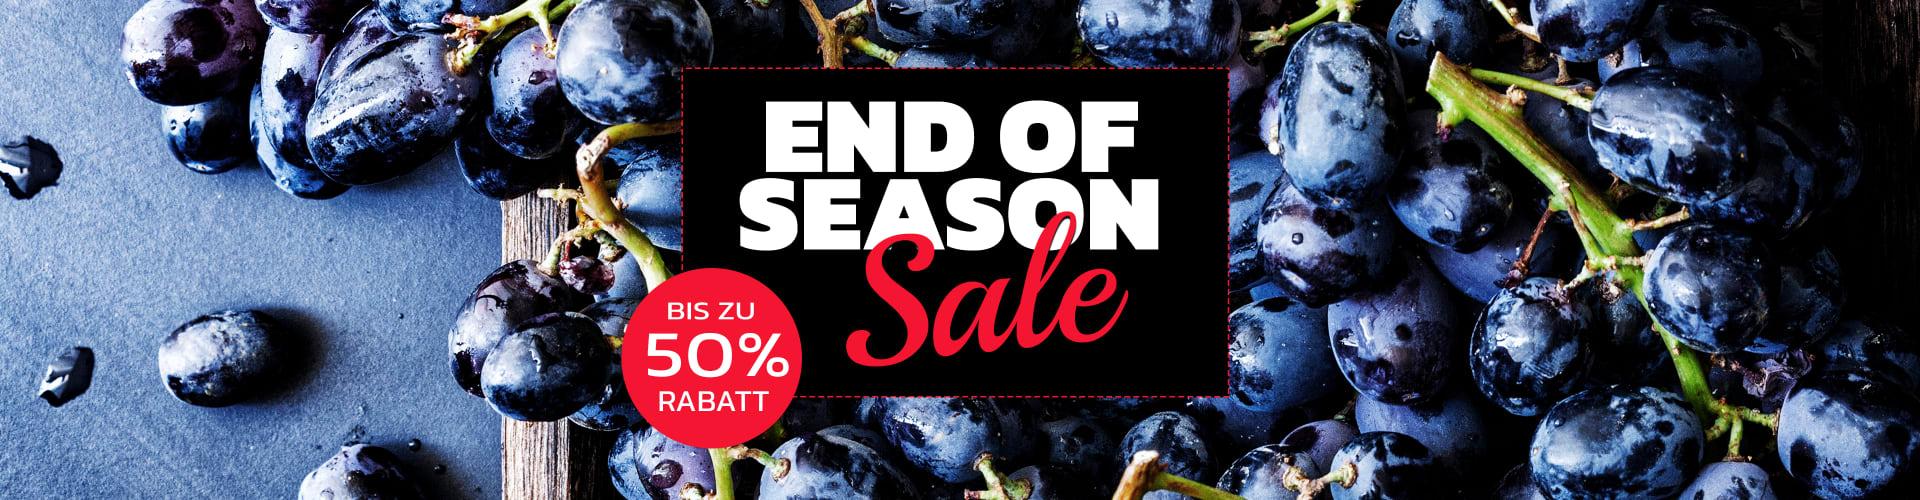 End-of-Season-Sale-Banner mit einem Wein aus dem Sortiment von Wine in Black